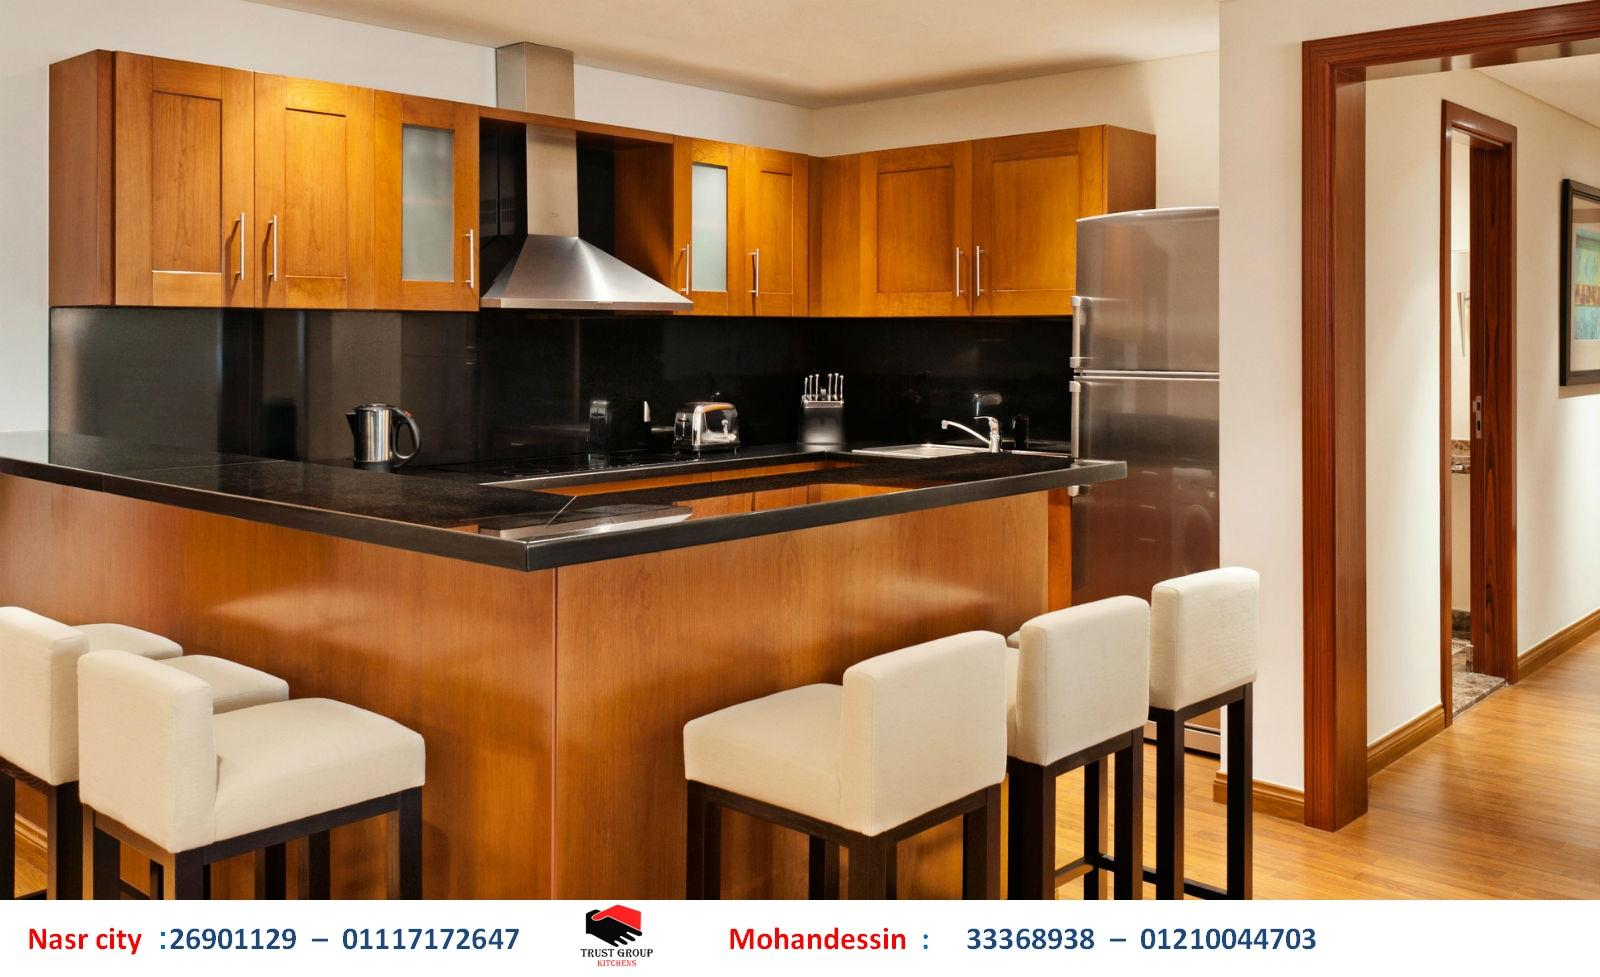 تصميمات مطابخ خشب – اسعار المطابخ فى مصر  ( للاتصال  01210044703 )